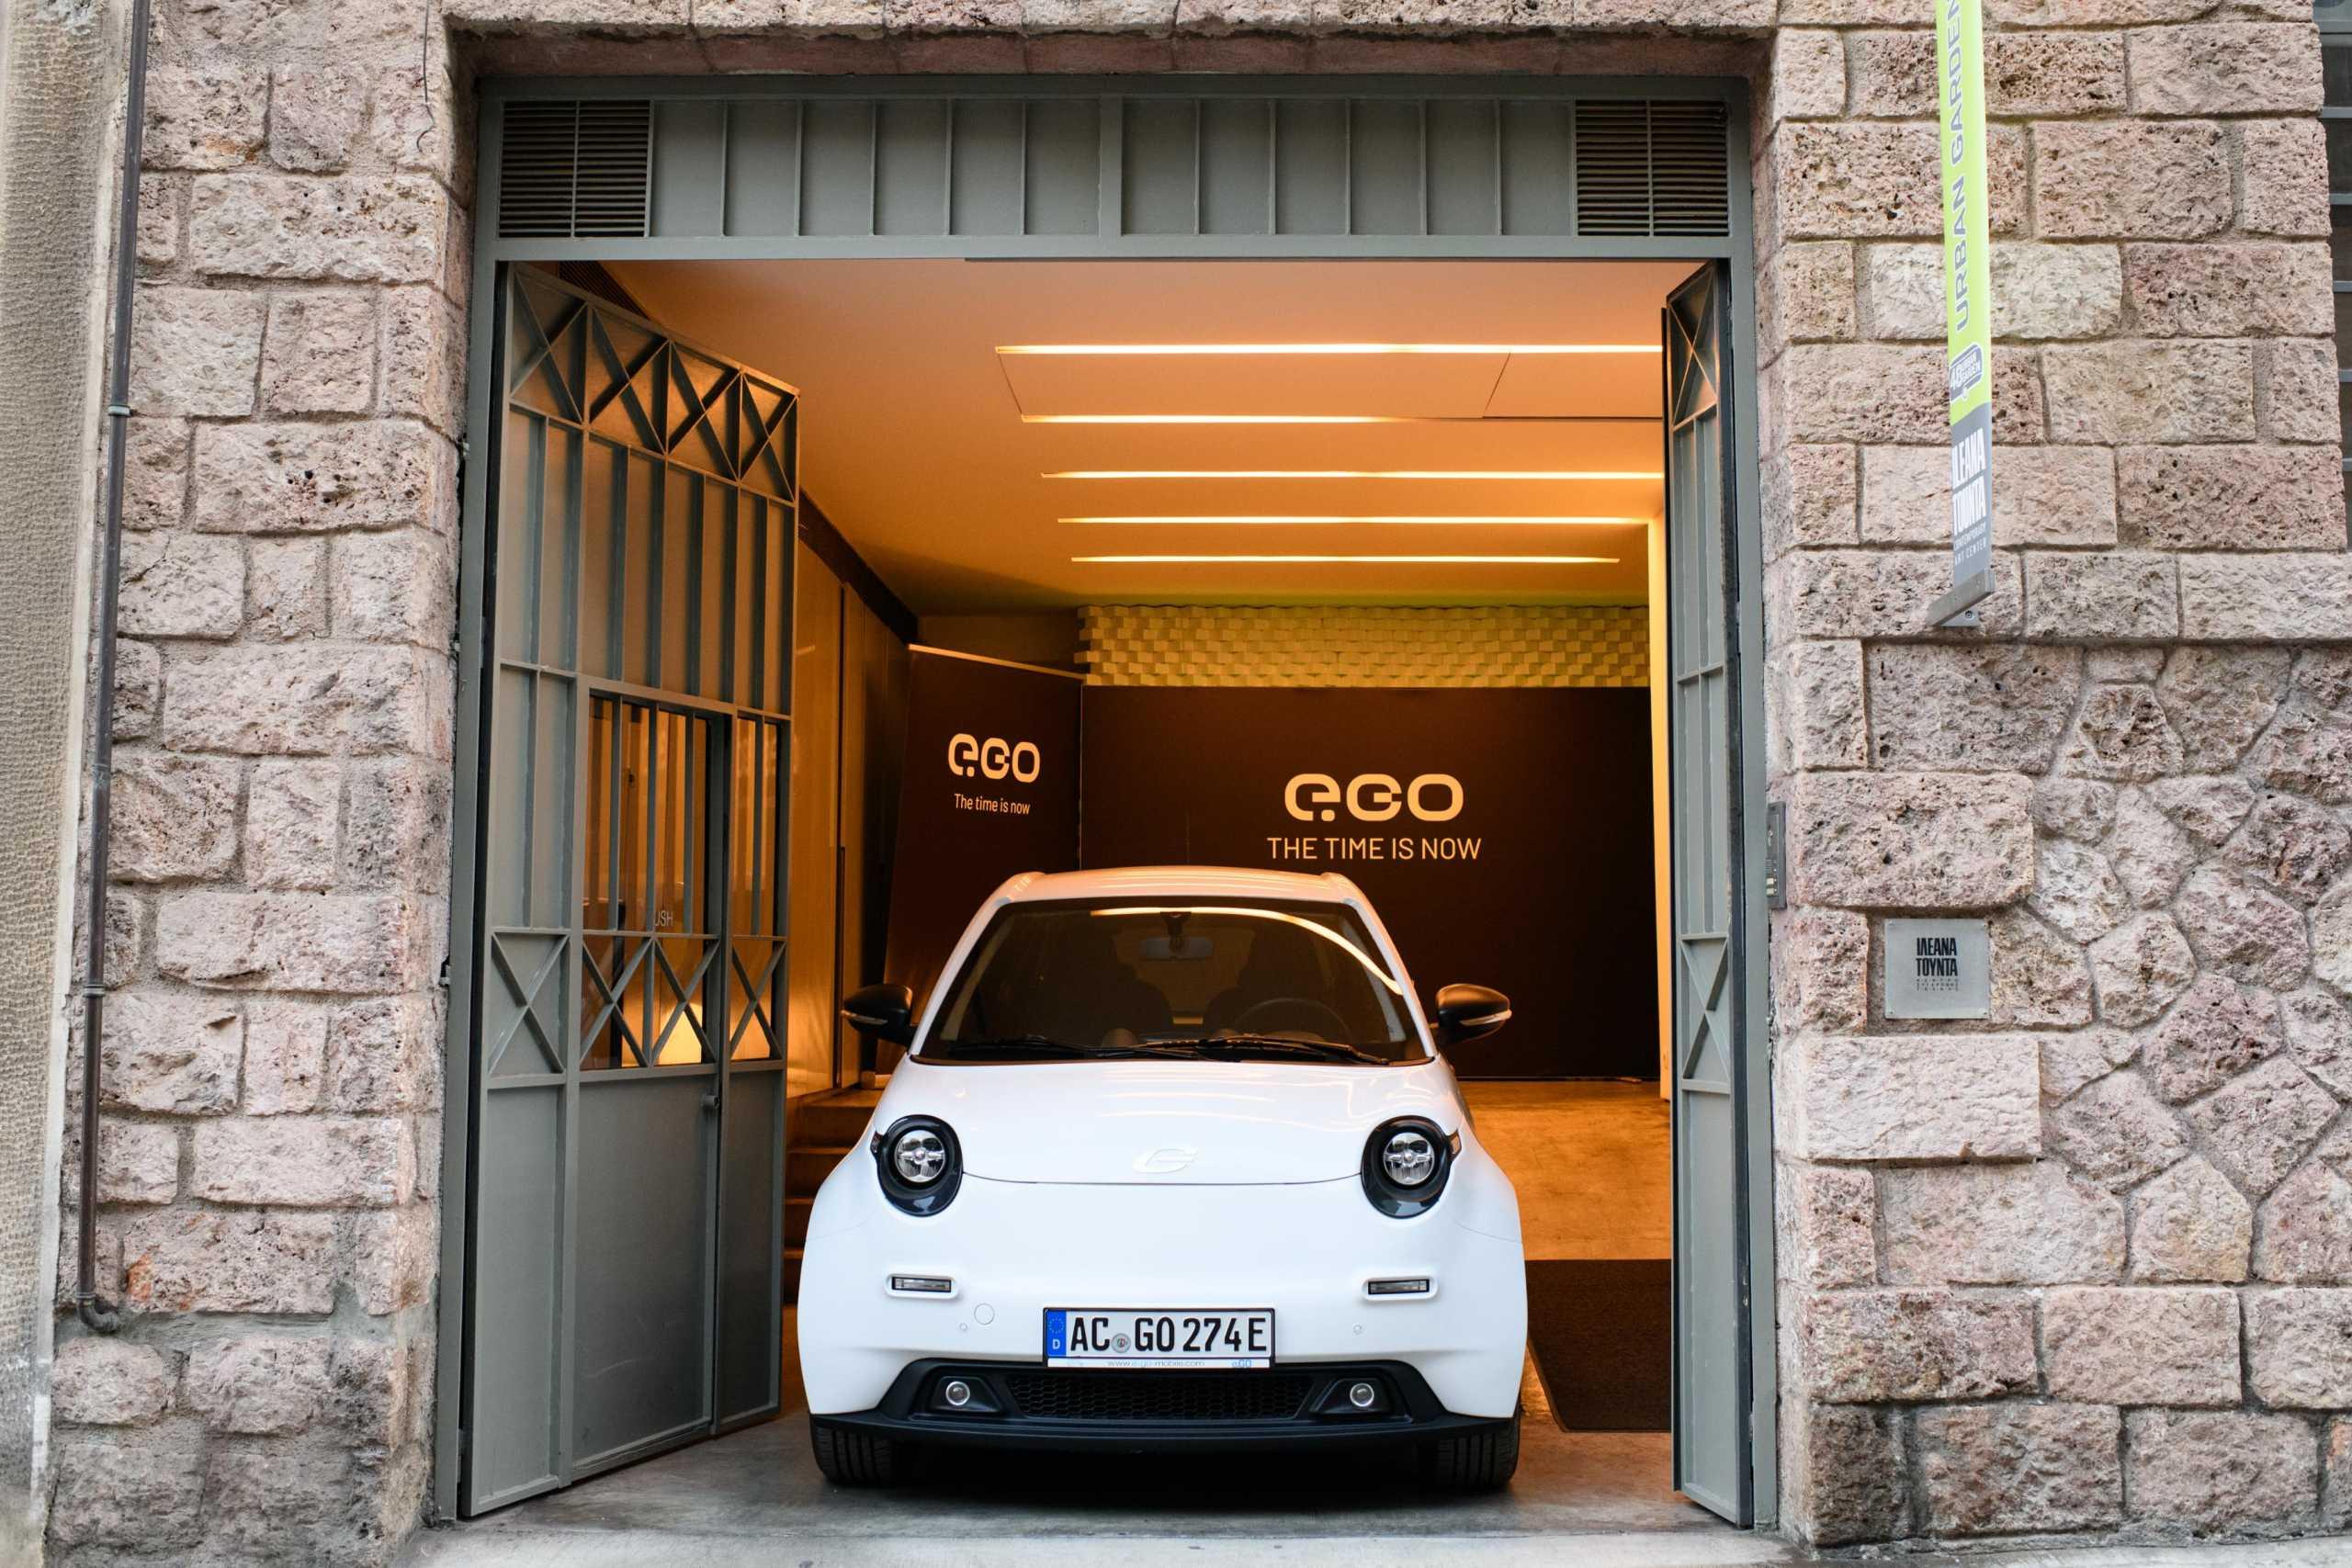 e.GO: Το πρώτο ηλεκτρικό αυτοκίνητο και τα σχέδια για παραγωγή στην Ελλάδα